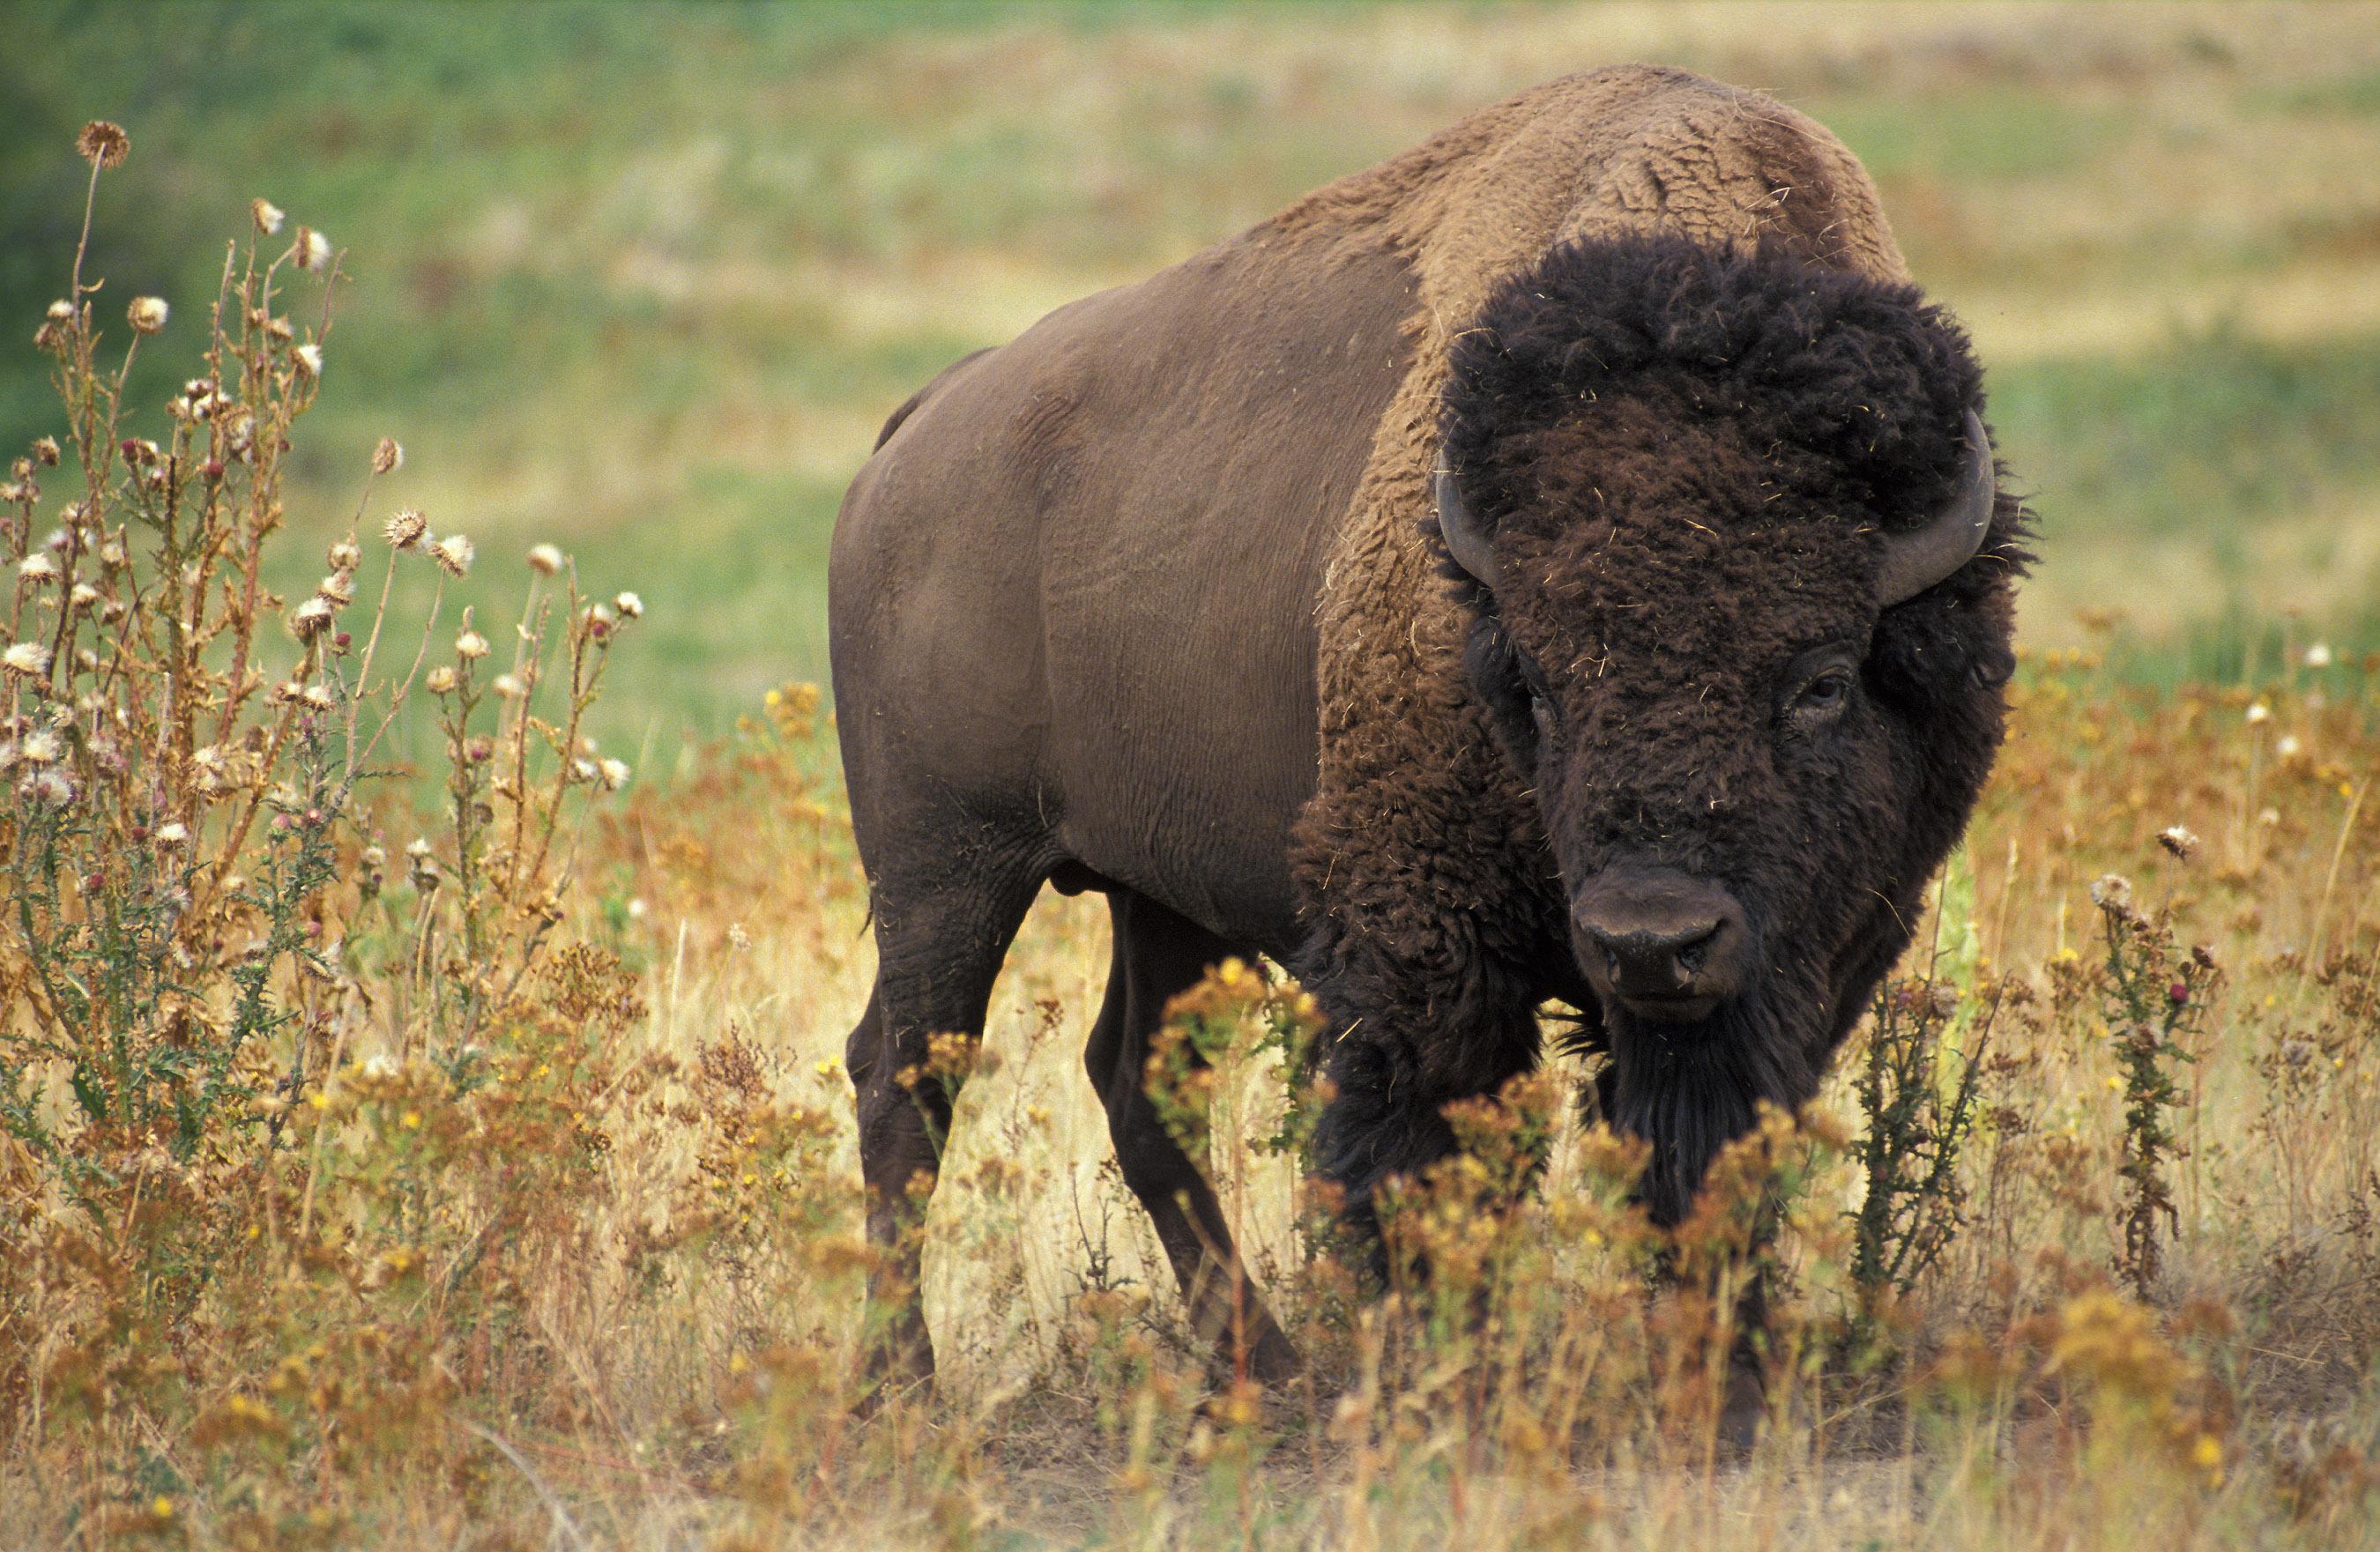 Forumaš iznad u liku životinje - Page 2 American_bison_k5680-1